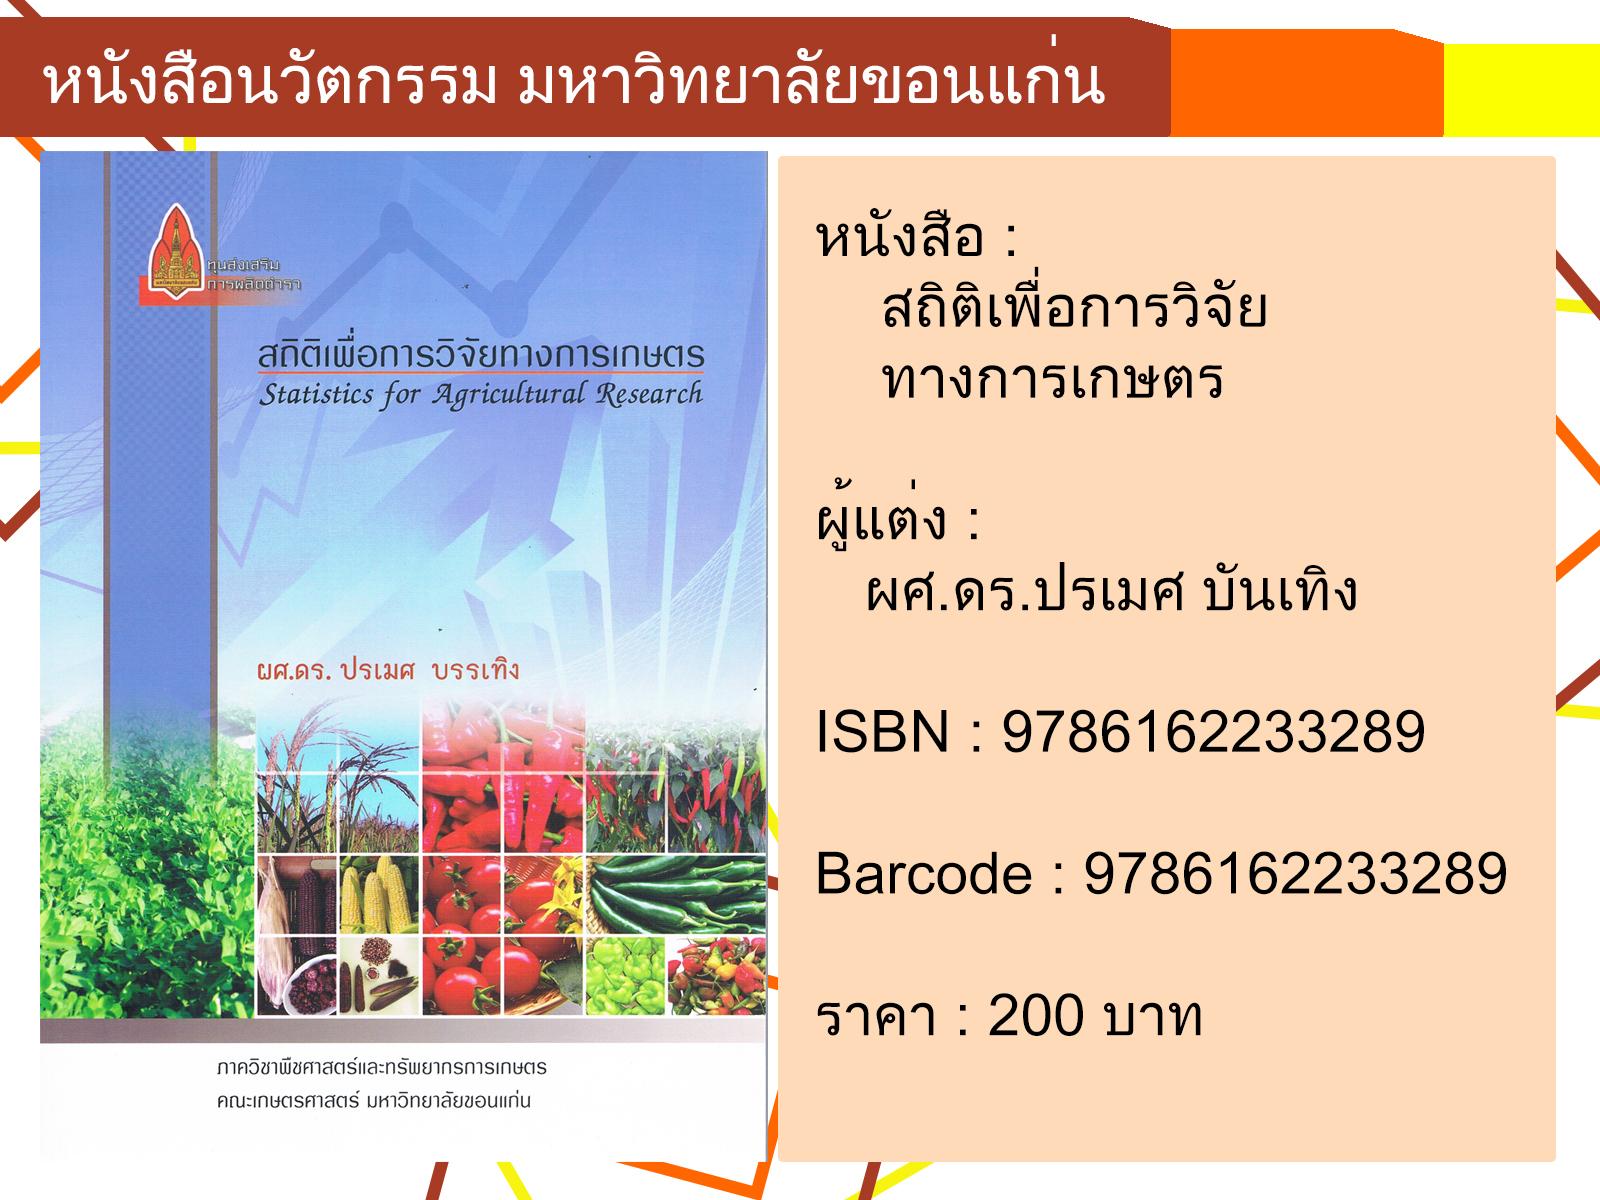 (Pre-Order) สถิติเพื่อการวิจัยทางการเกษตร